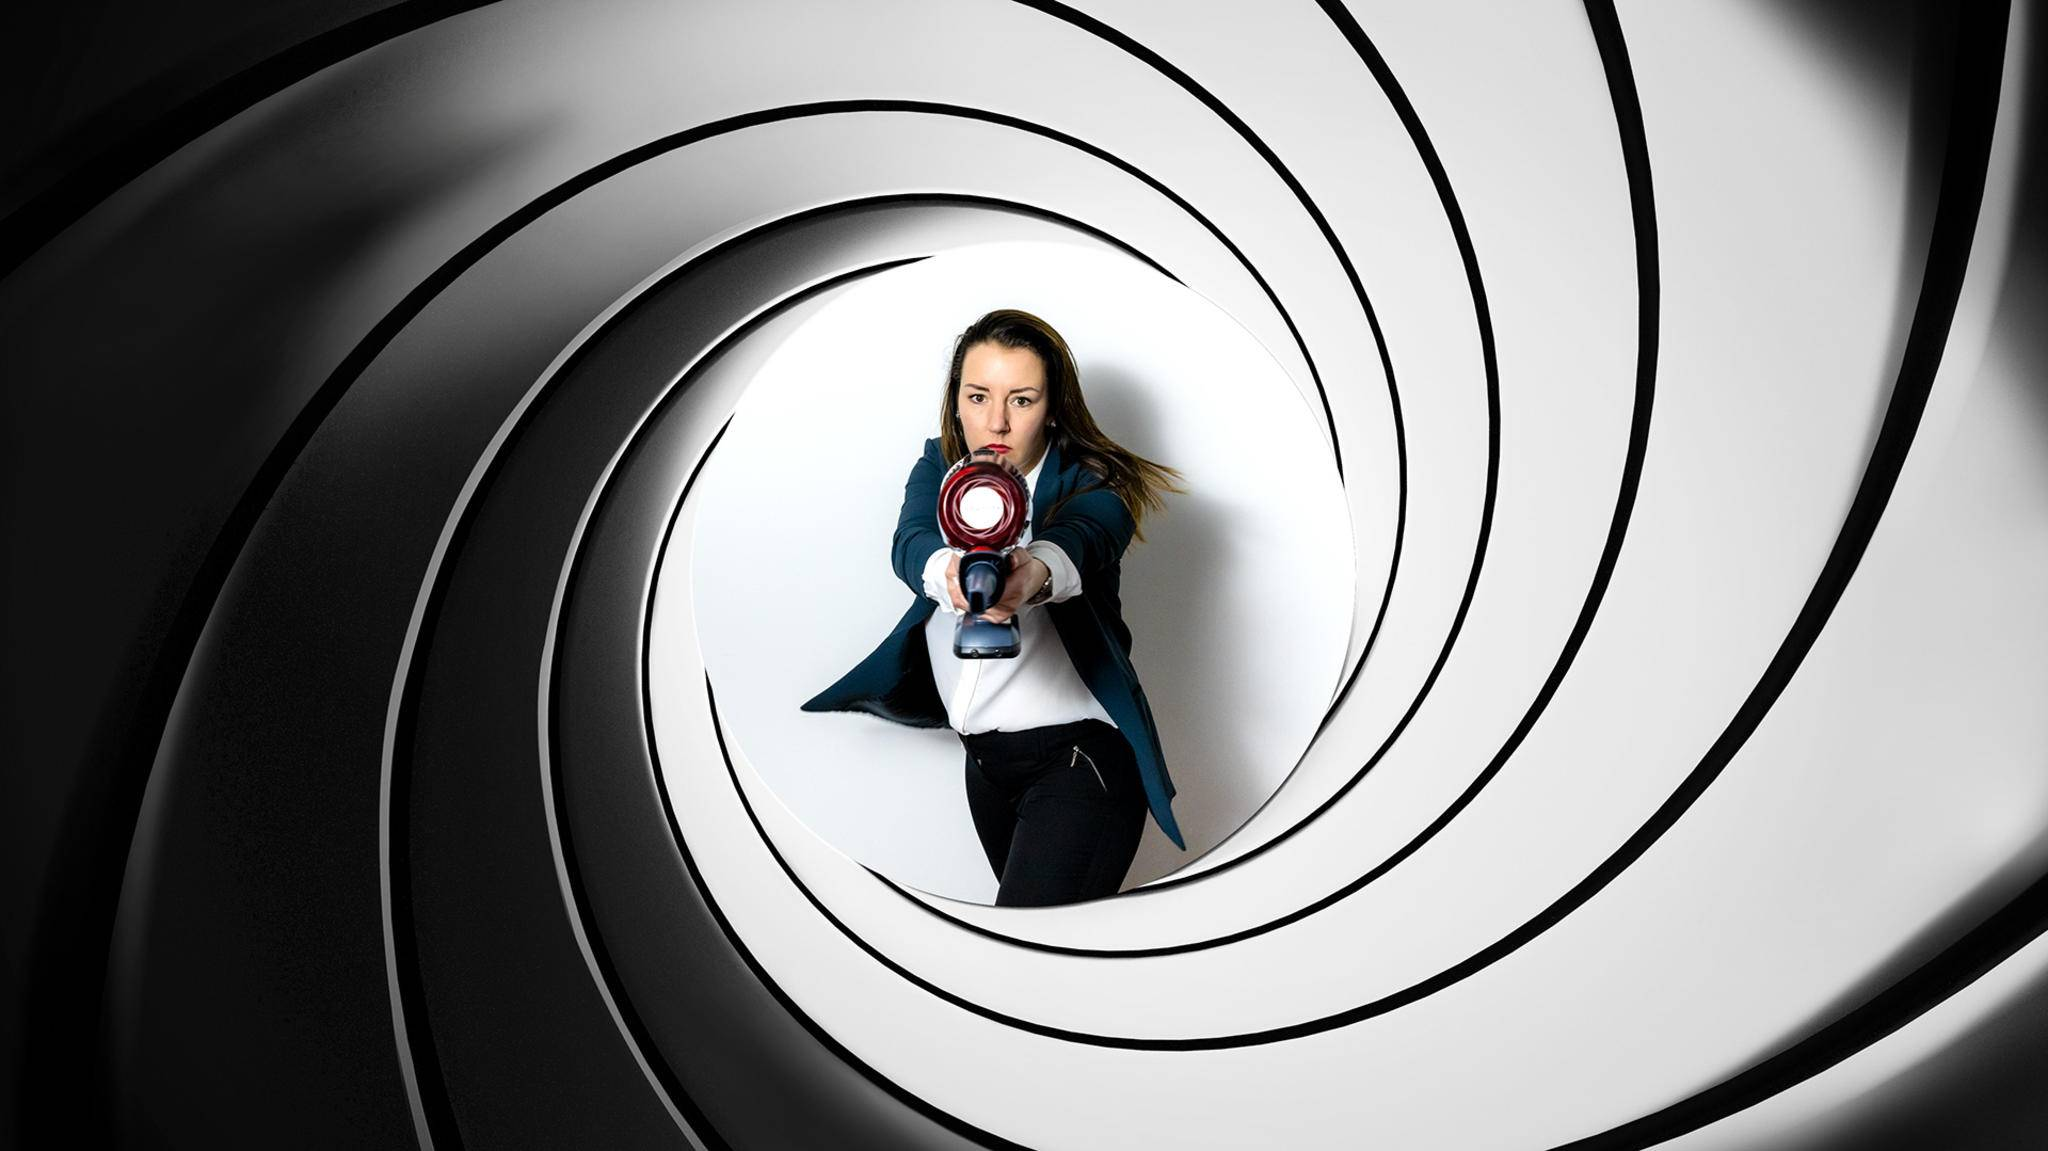 Wer hat mehr zu bieten: James Bond oder der X-Force Flex 11.60? Wir lassen sie gegeneinander antreten.